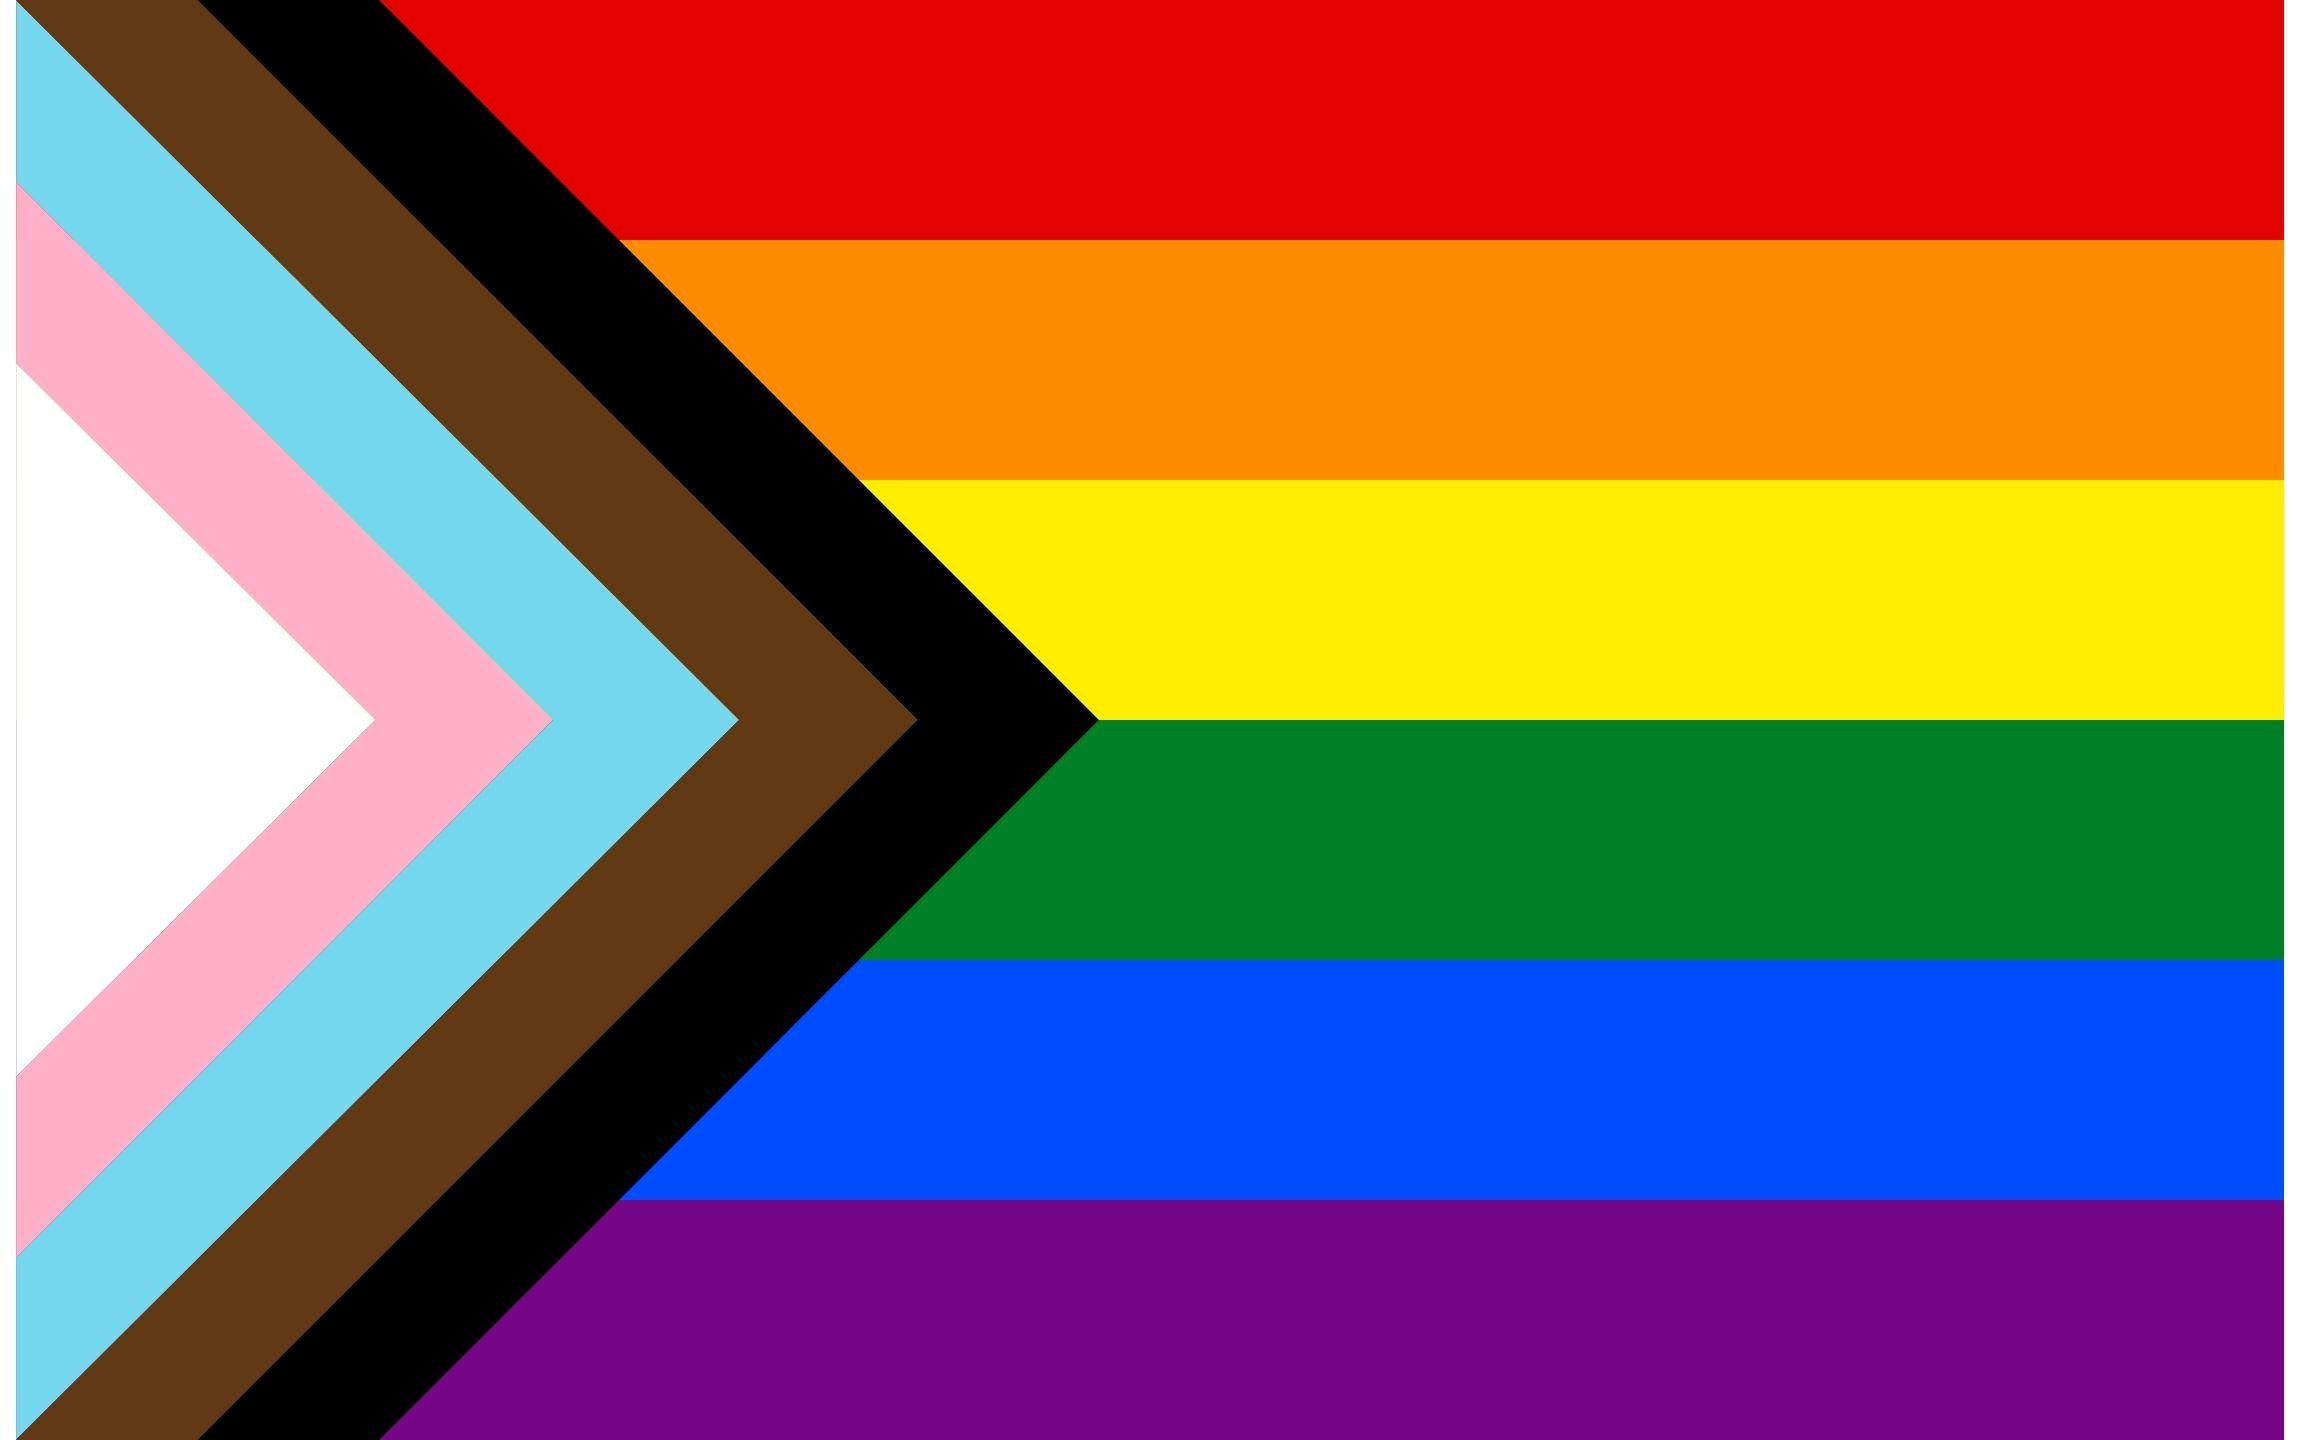 Progress Pride Flag Daniel Quasar version